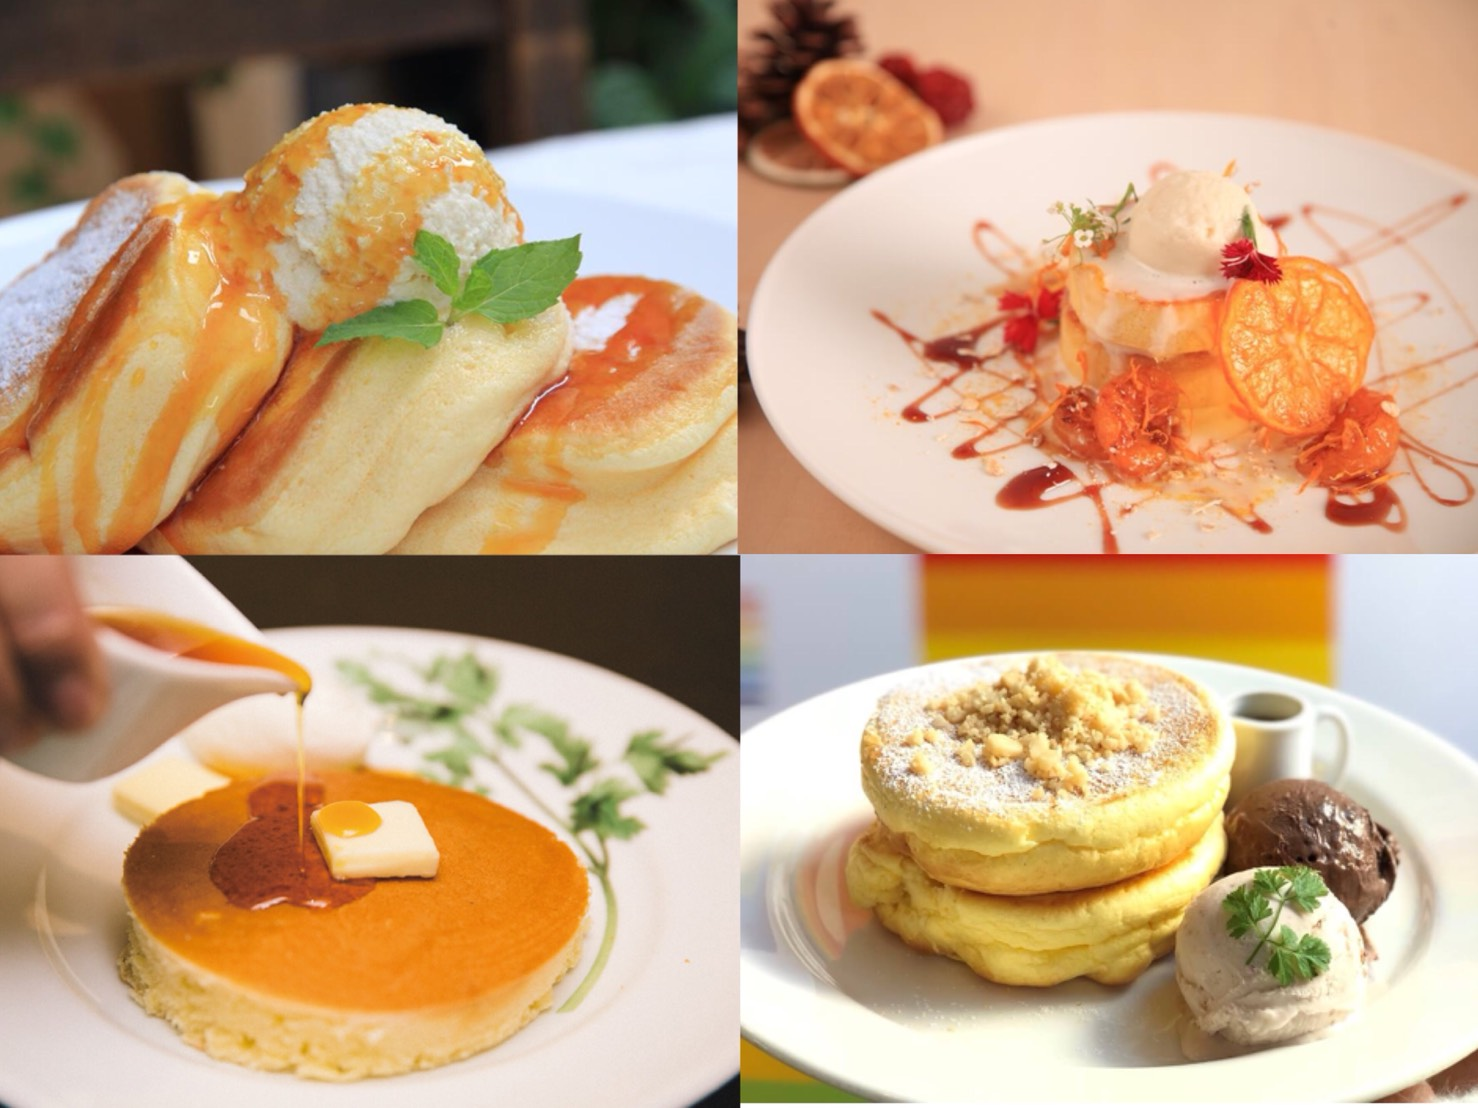 不是只有可麗餅而已!原宿的6間推薦鬆餅 MOSHIMOSHIBOX、在原宿、甜點、